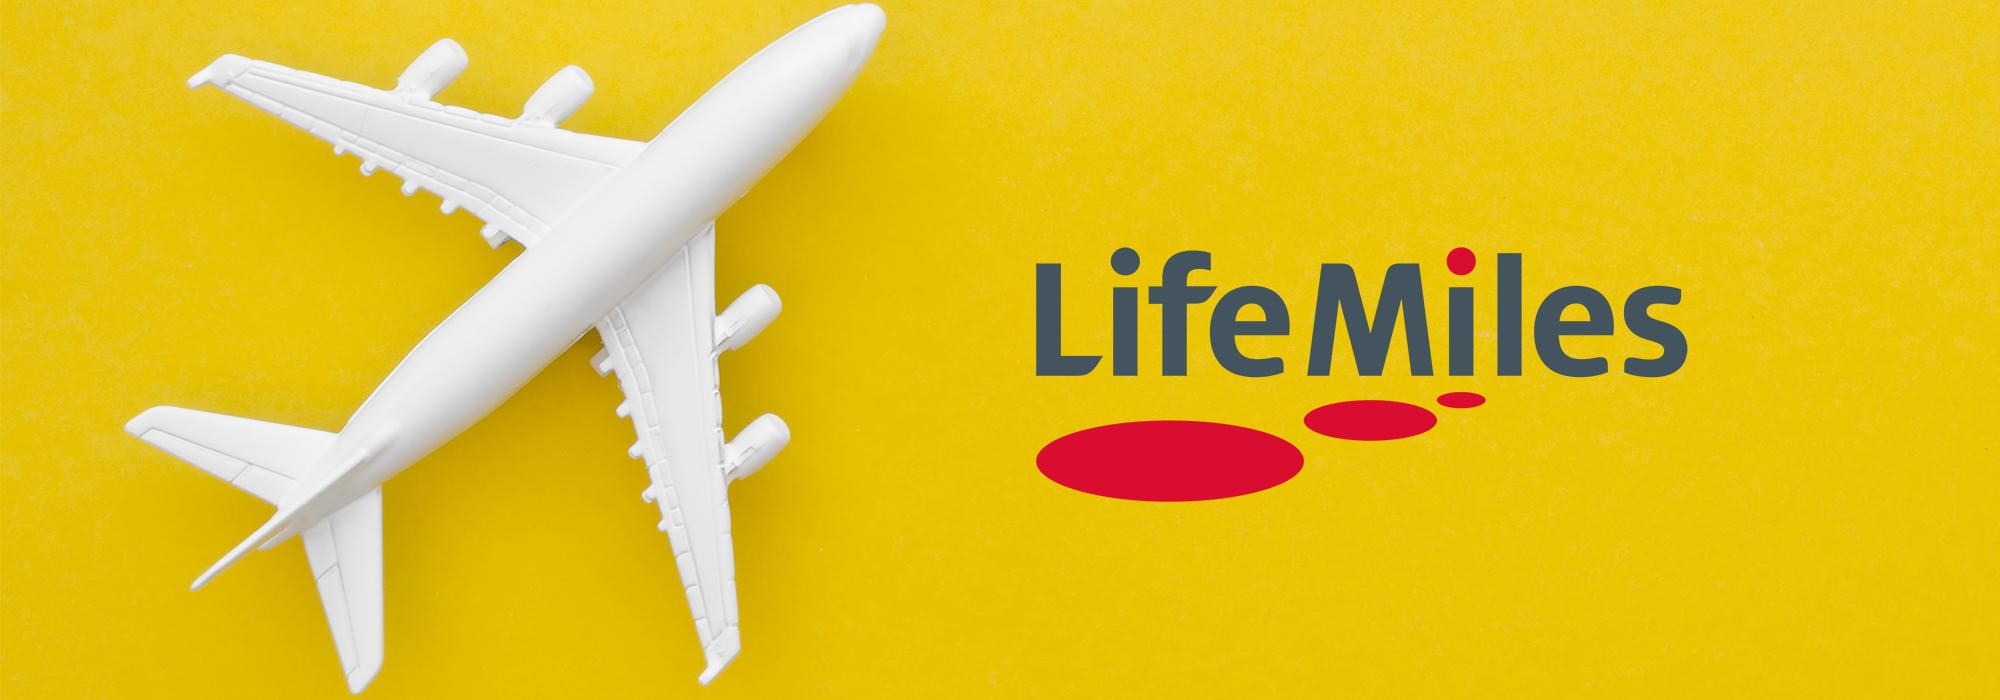 LifeMiles